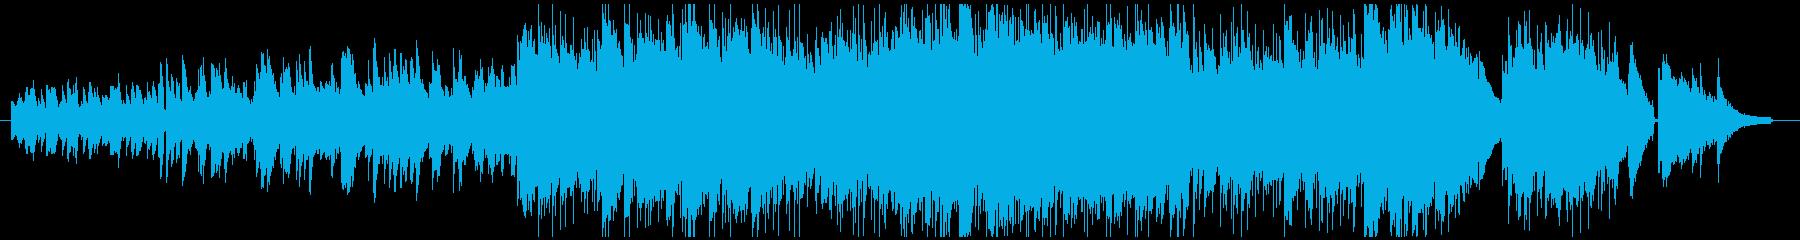 優しく清々しいメロディの癒しBGMの再生済みの波形